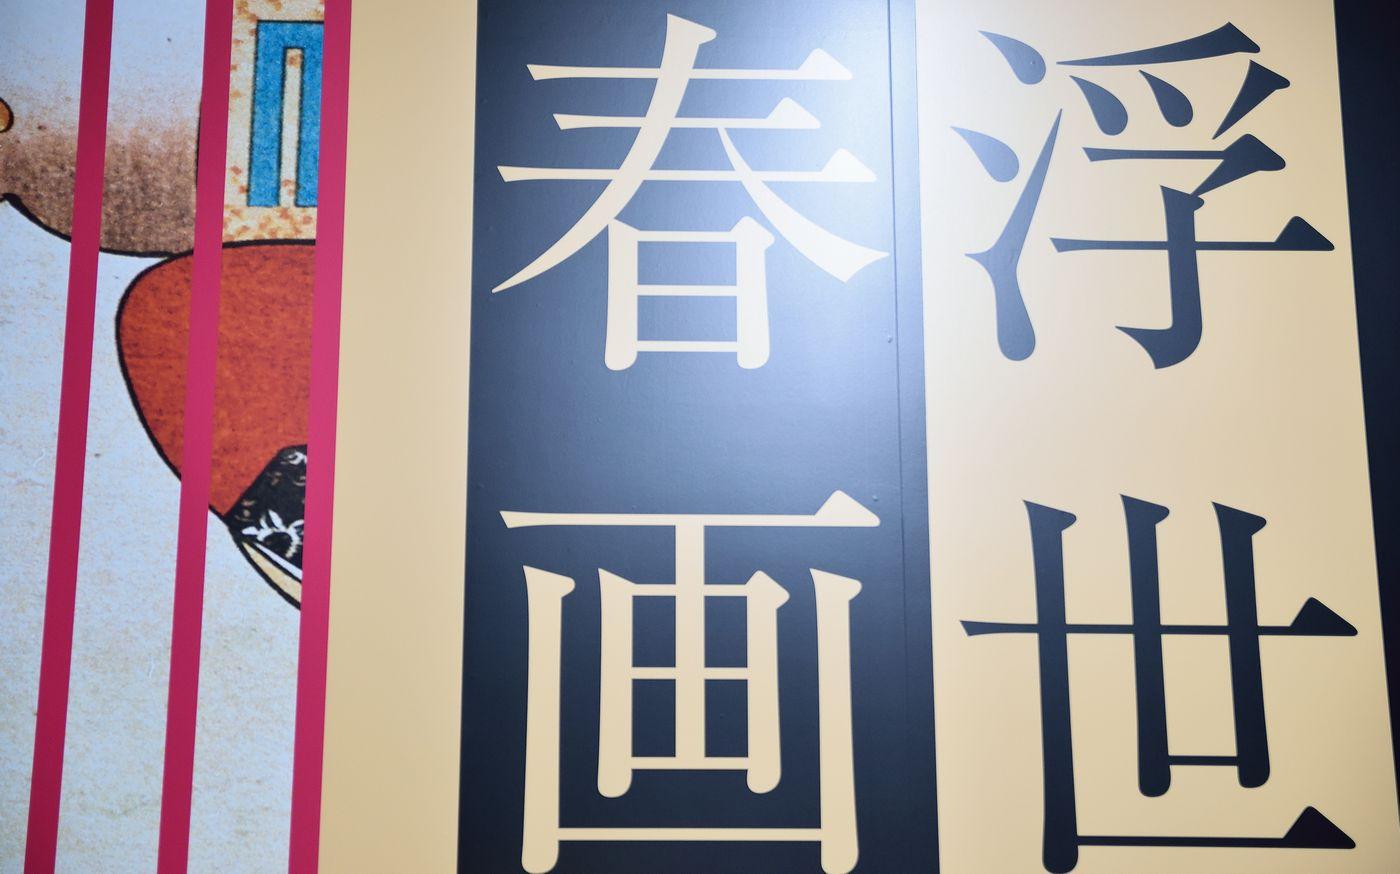 熱海城_喜多川歌麿『艶本多歌靴羅久良』